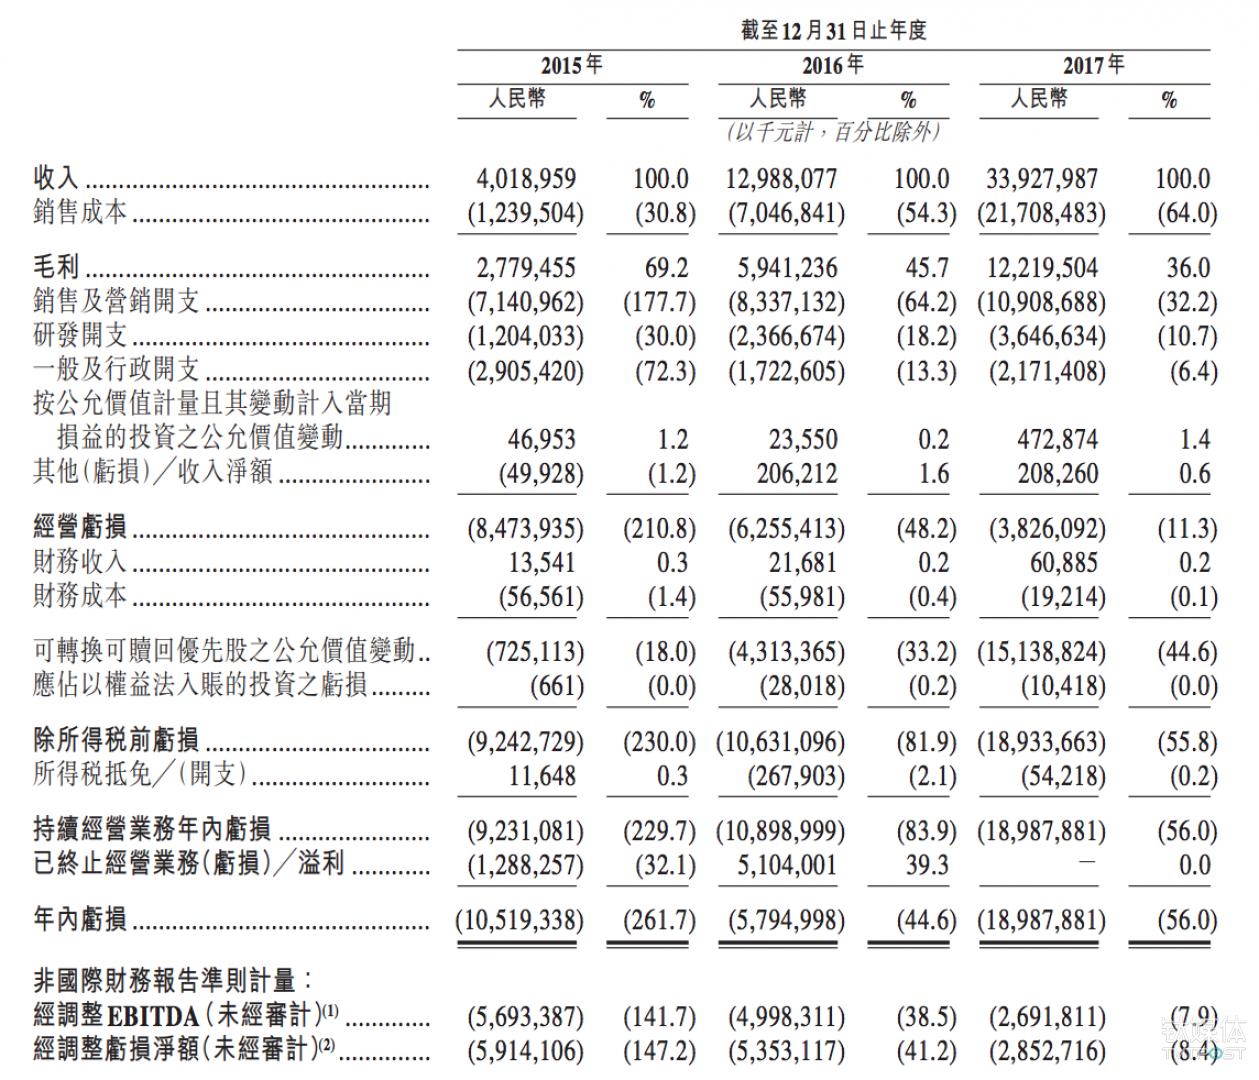 美团点评即将IPO,腾讯为第一大股东,阿里仍未退出